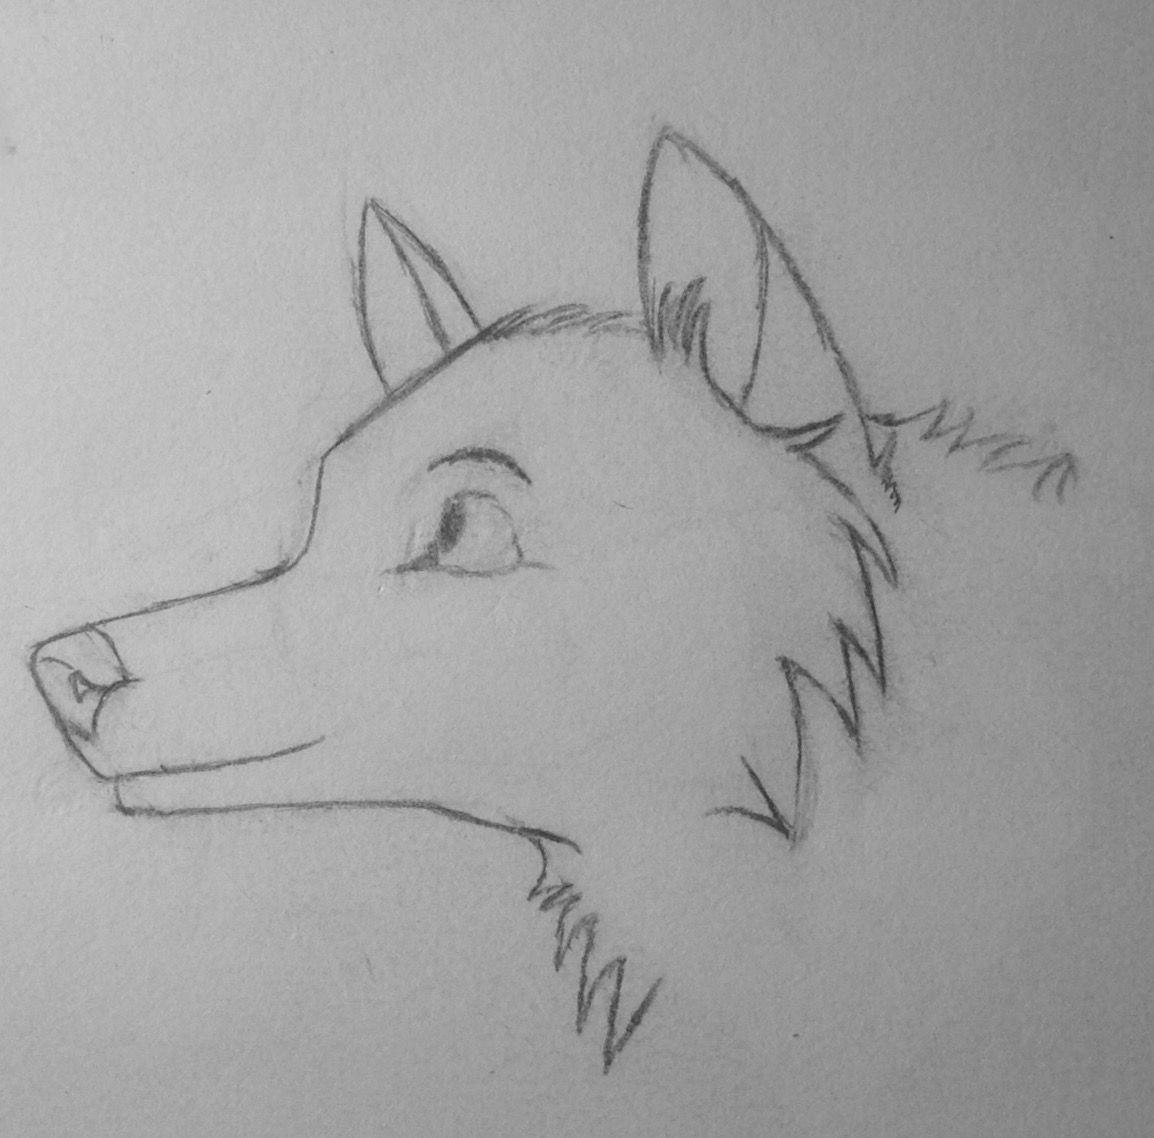 Non-anthro wolf